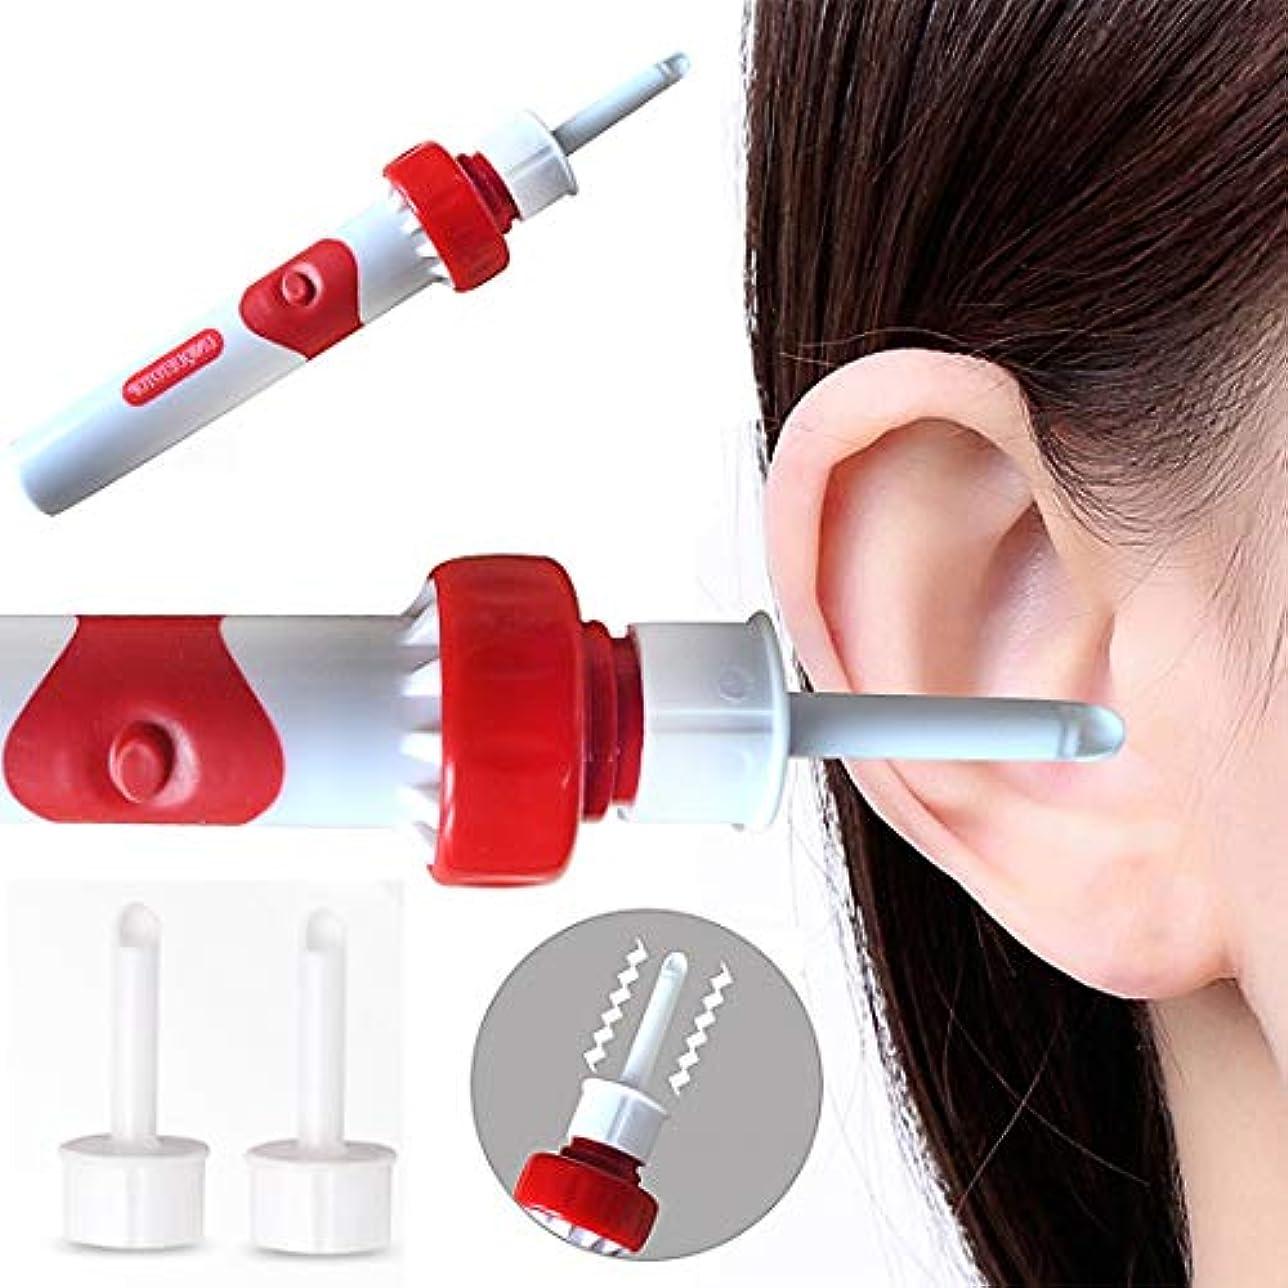 比類なきフレームワーク誇張する耳かき 耳すっきりクリーナー 耳のお掃除 耳のケア 耳かき ポケットイヤークリーナー